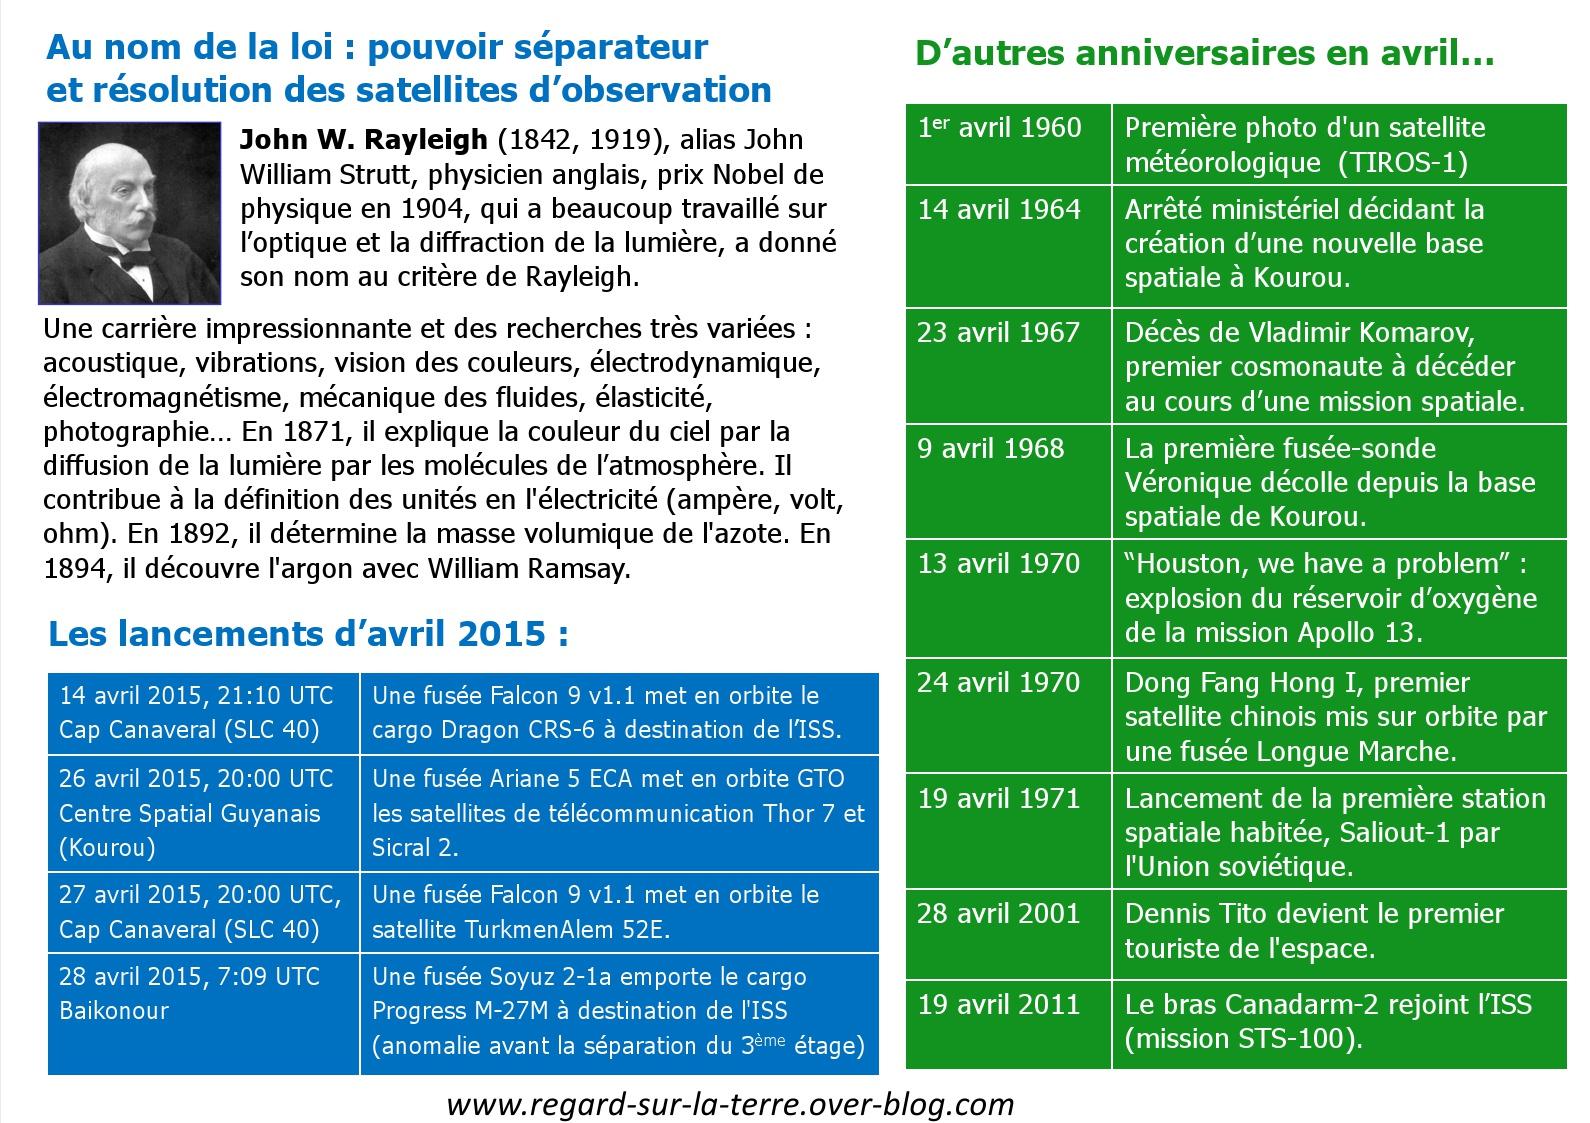 Lancements - Mise en orbite - Launch record - Avril 2015 - April 2015 - Loi de Rayleigh - Pouvoir séparateur - Résolution angulaire